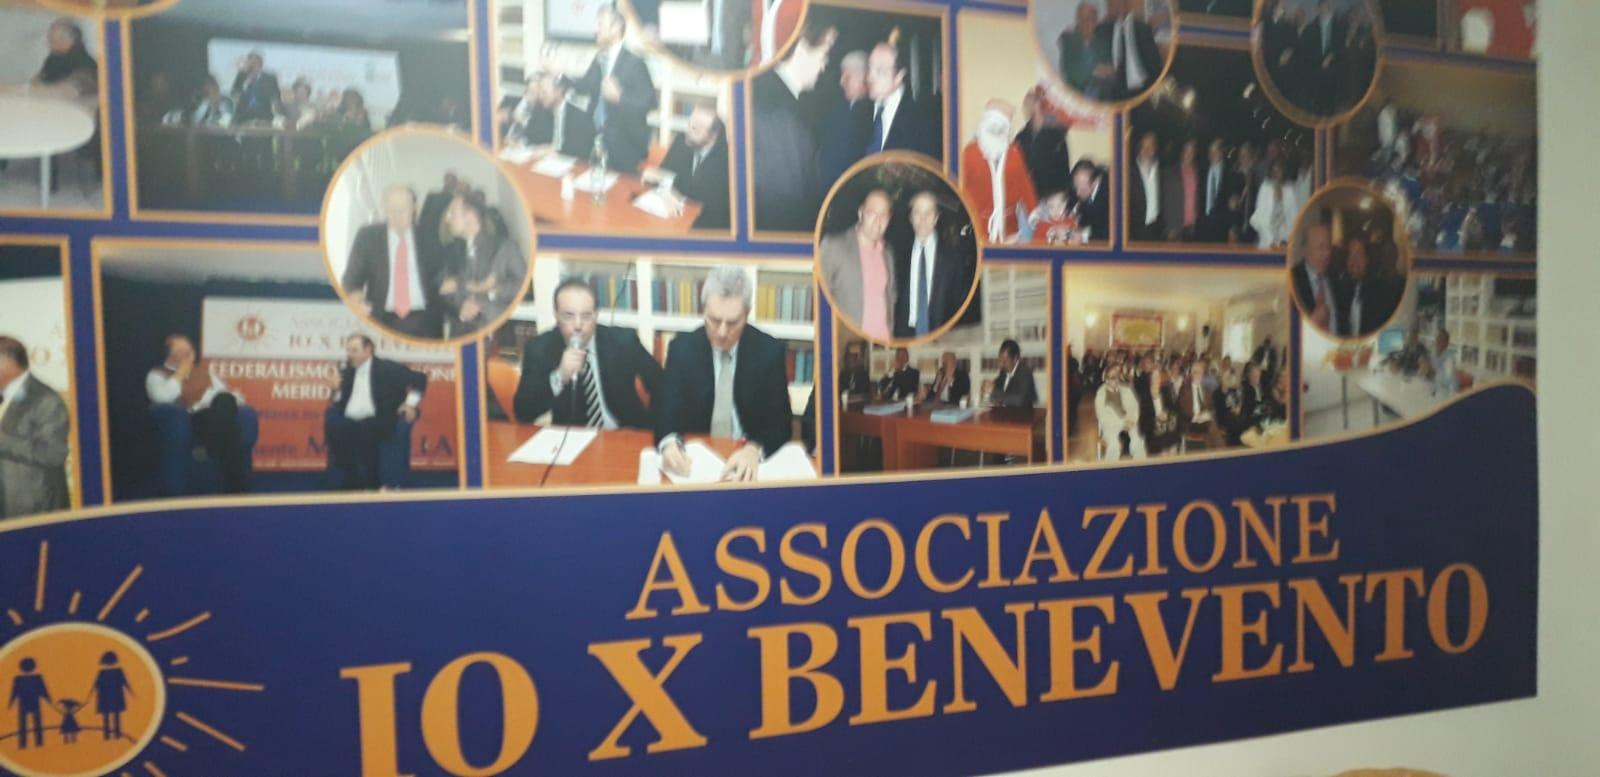 La denuncia di IOXBenevento: intimidazione ai disabili, atto da condannare